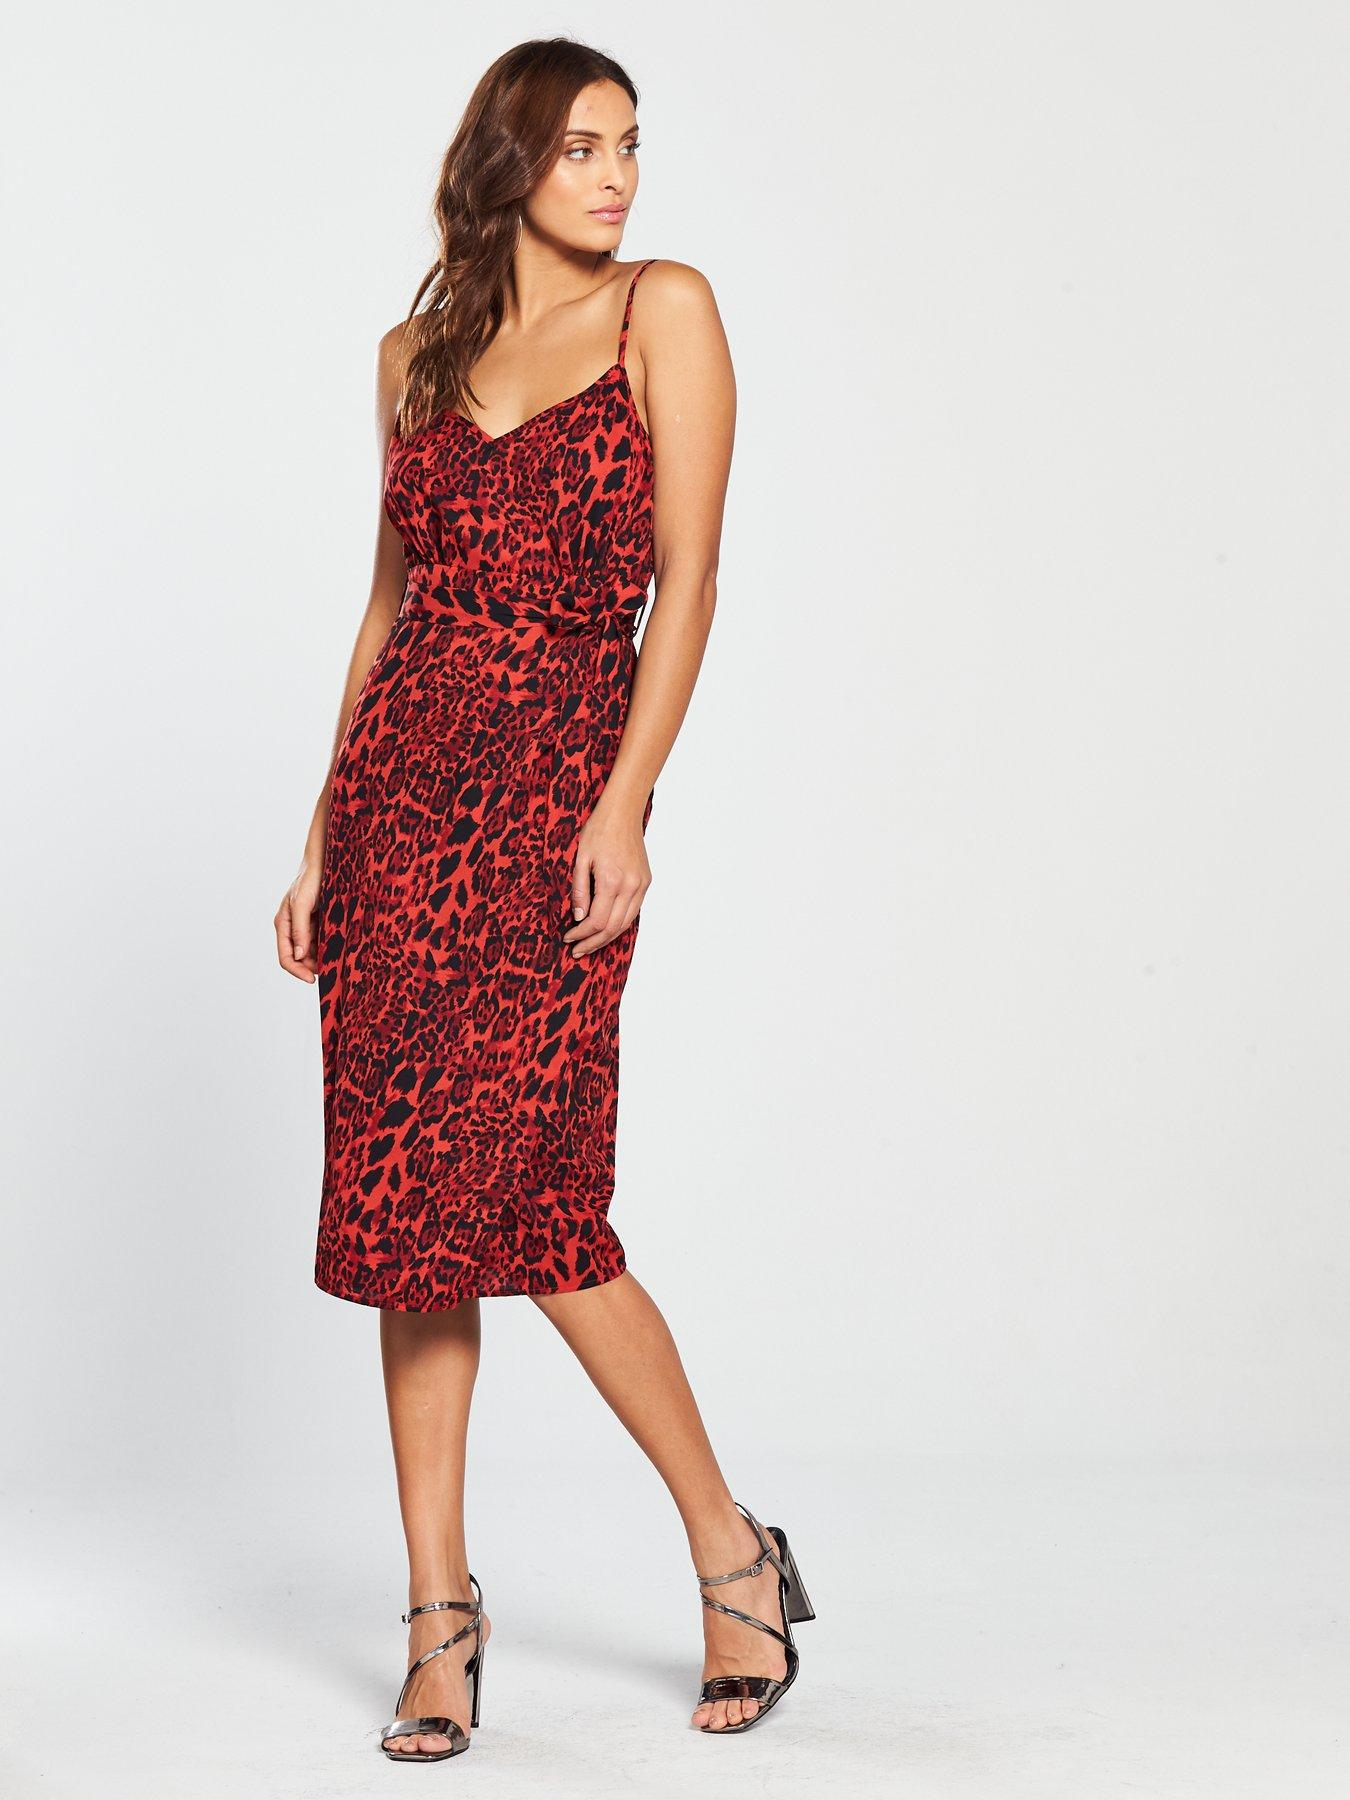 Red Leopard Print Dress